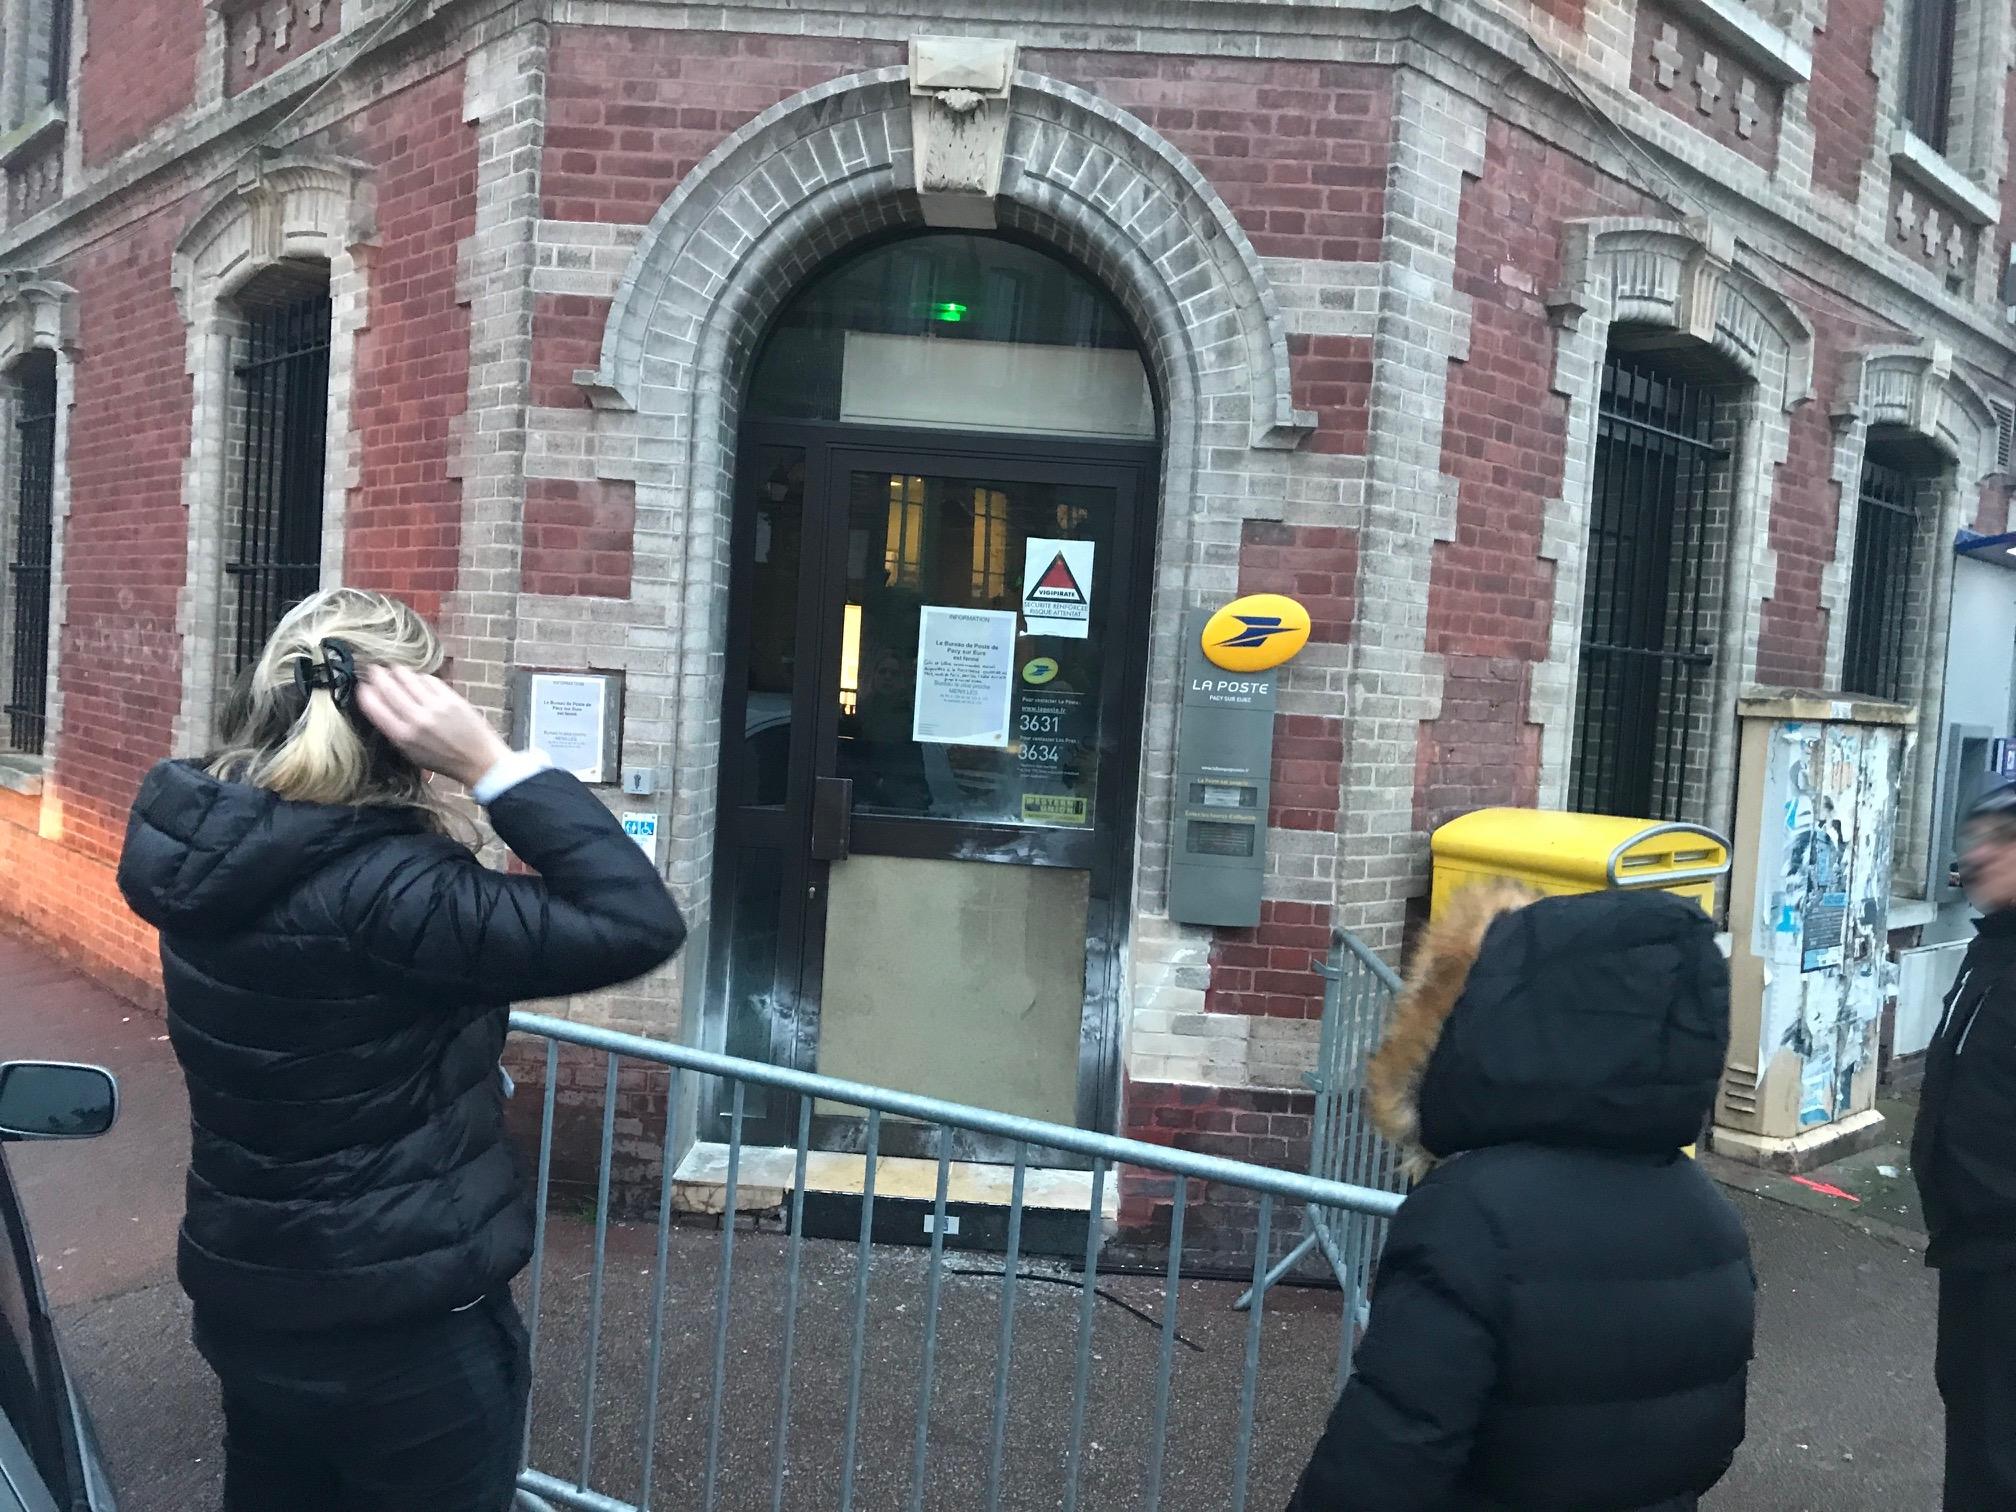 Le bureau de poste de Pacy-sur-Eure a été attaqué dans la nuit du 14 au 15 décembre 2017 (Photo © infoNormandie)